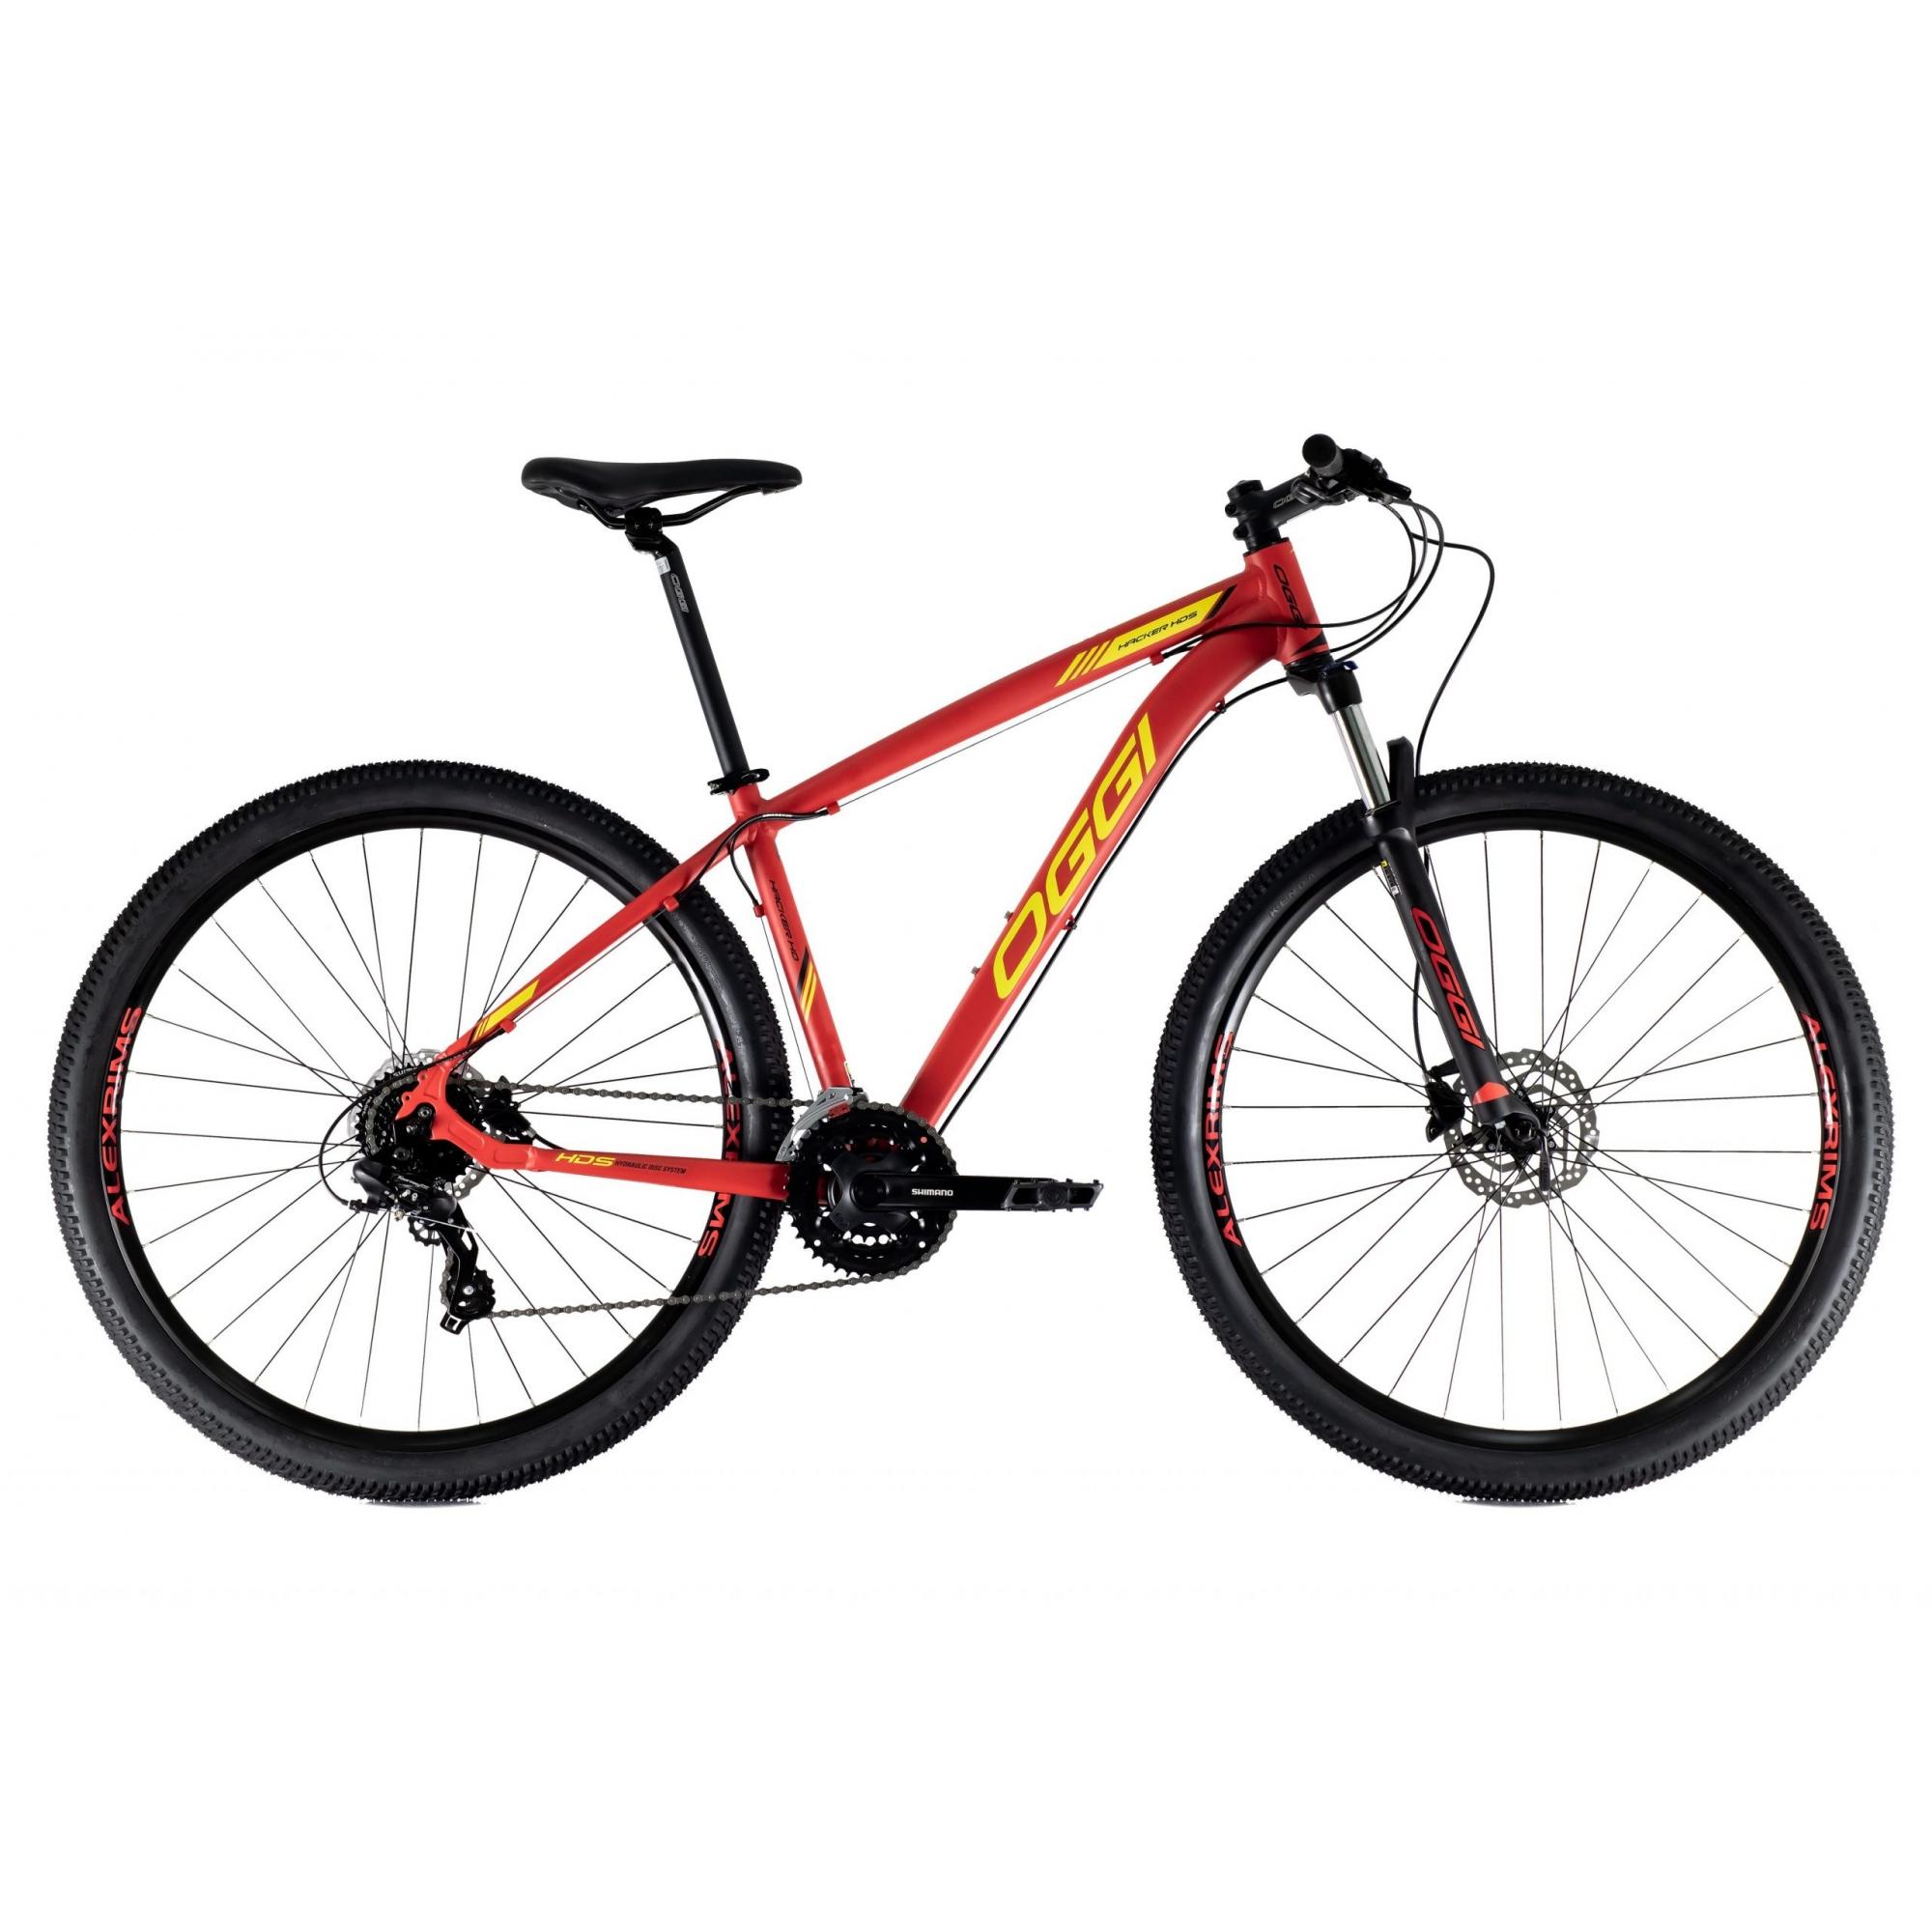 Bicicleta OGGI Hacker HDS 2021 - 24v Shimano Tourney - Freio Shimano Hidráulico - Vermelho/Amarelo + BRINDES